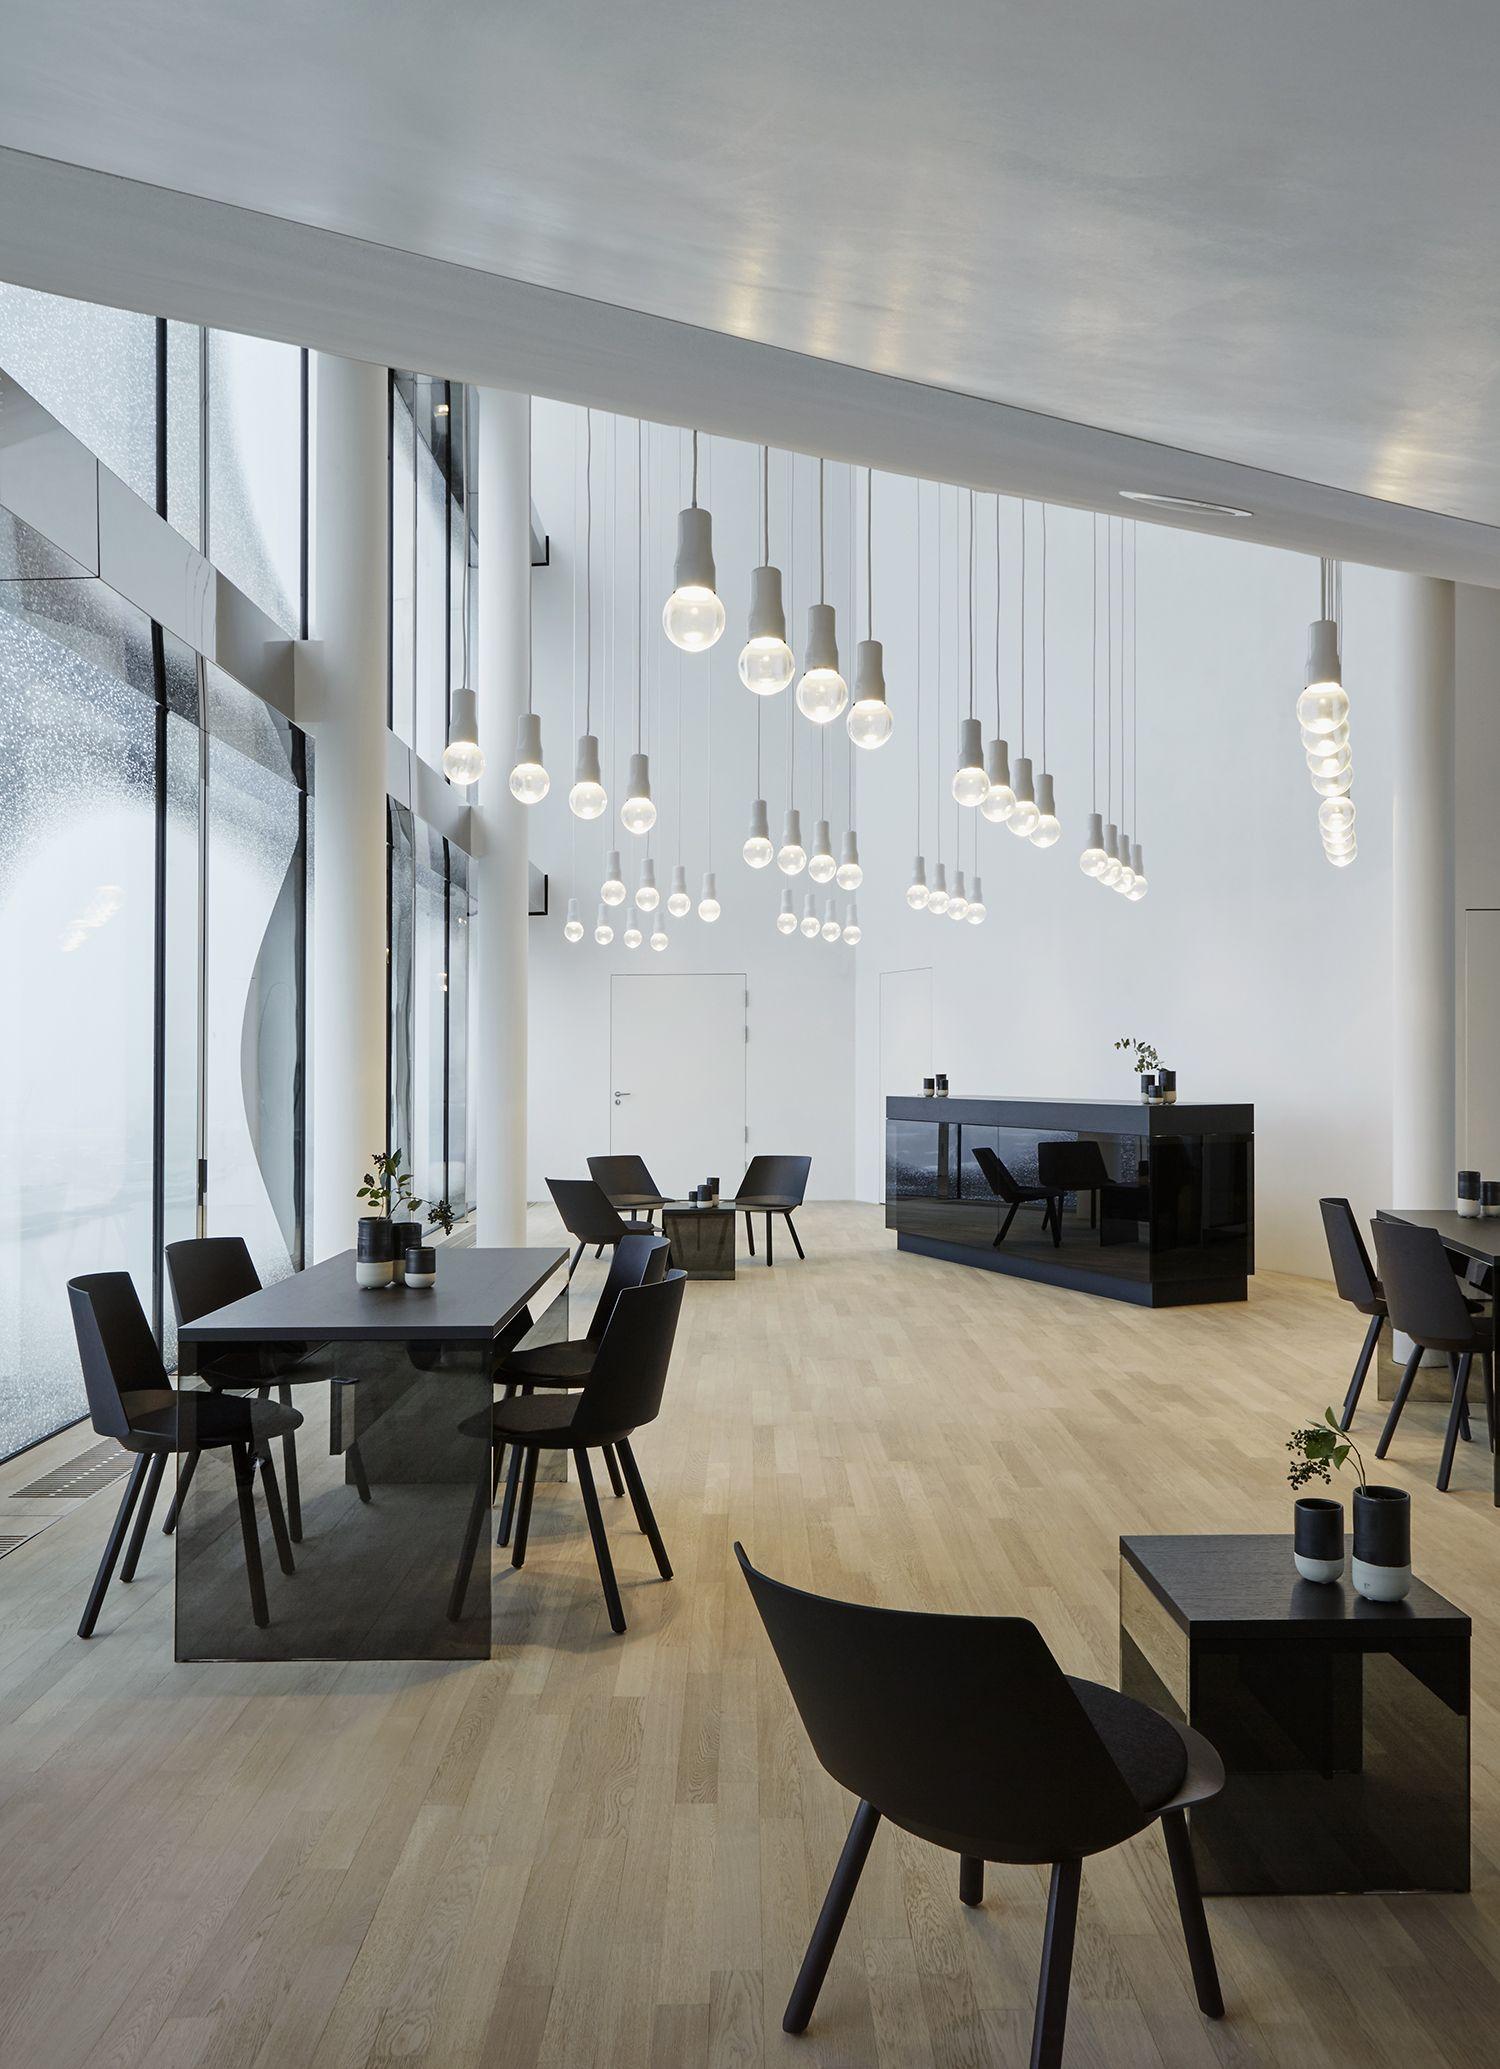 Elbphilharmonie: Möblierung und Architektur im Einklang | Modernes ...